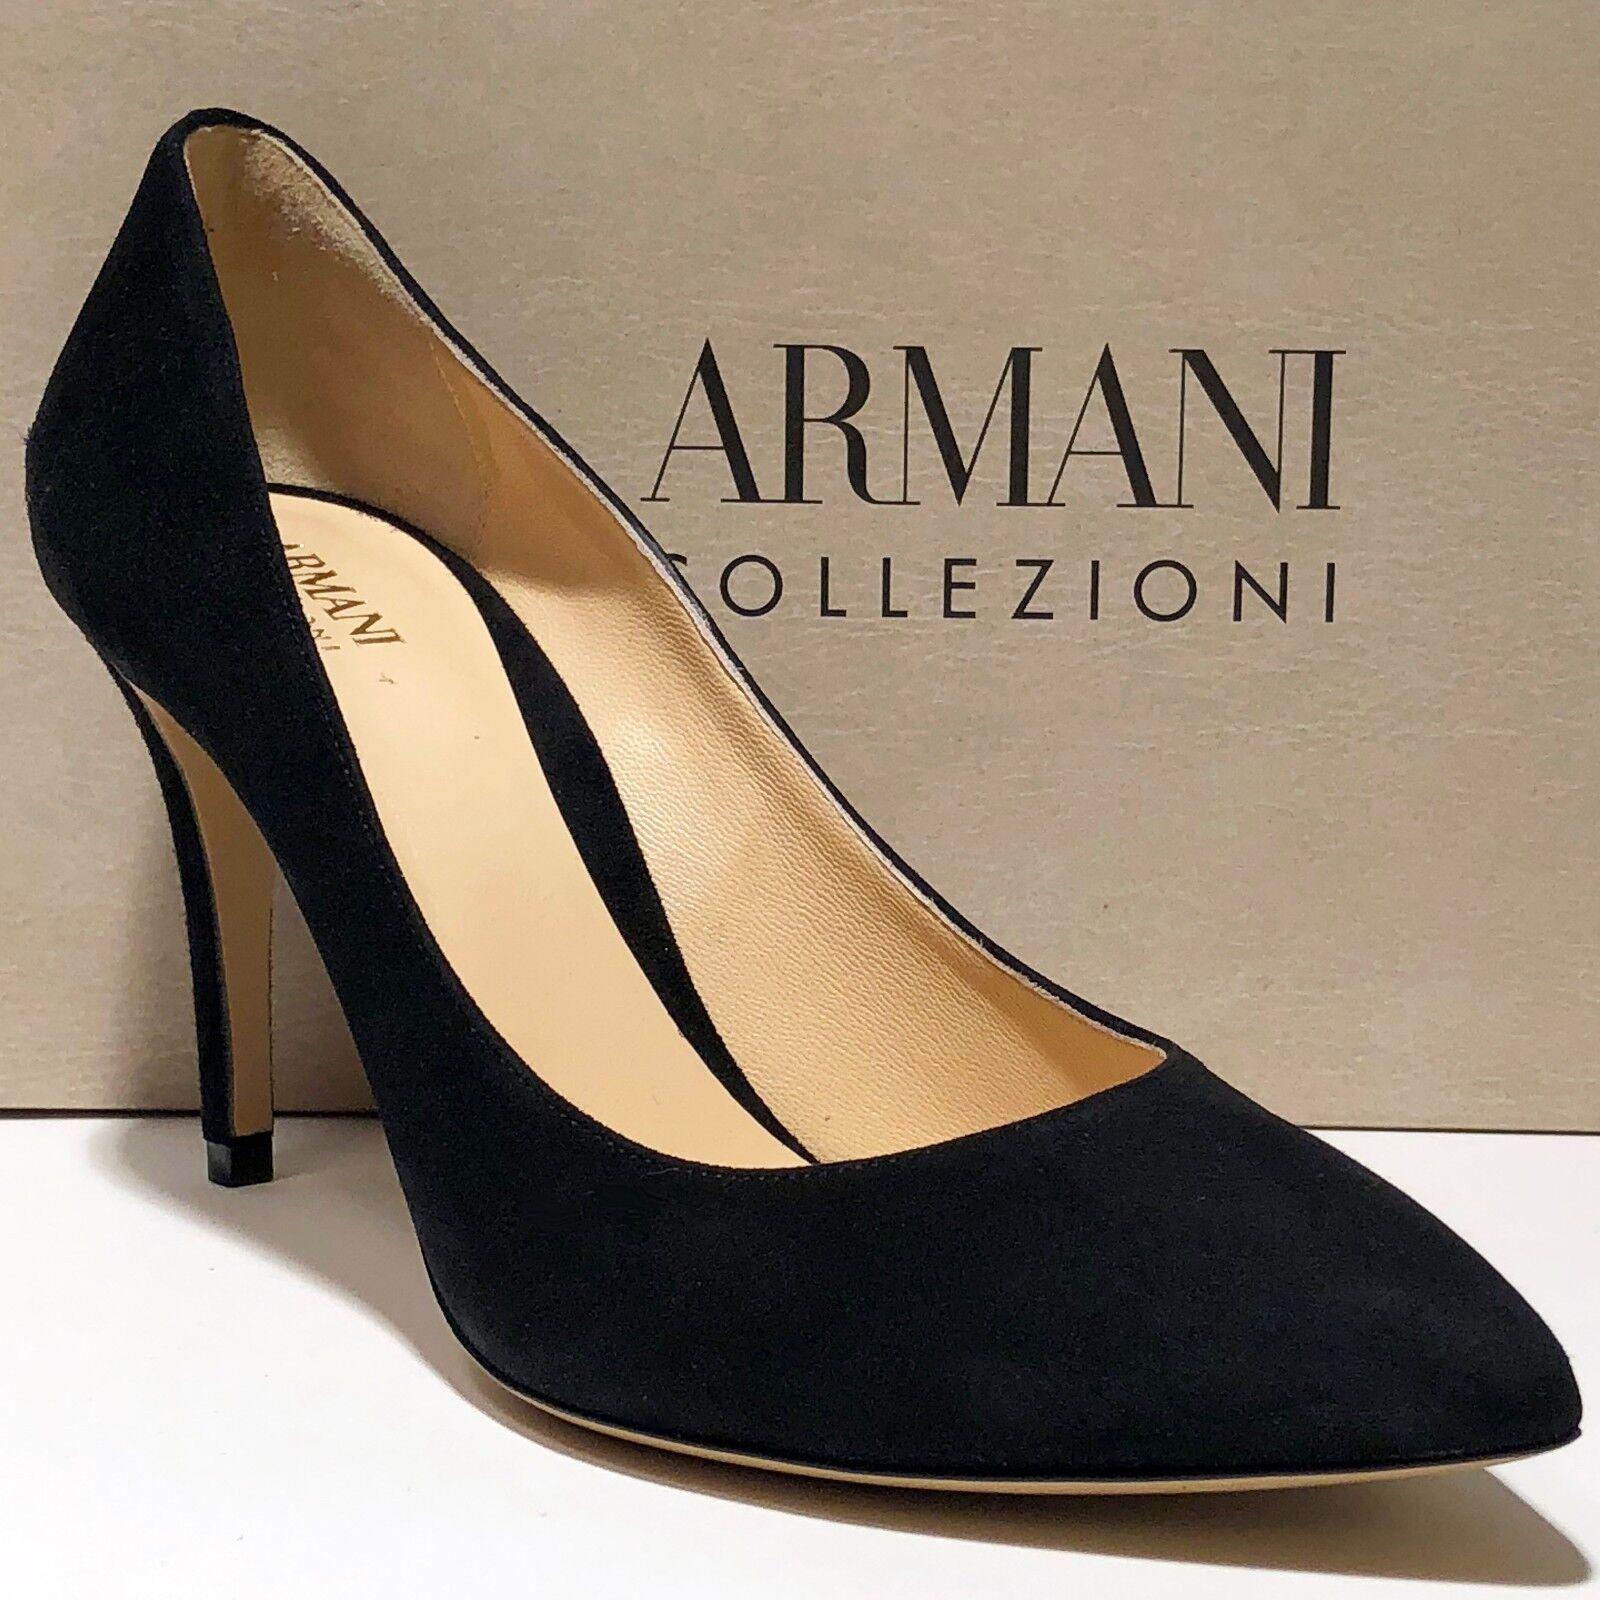 vendita scontata online di factory outlet  695 Armani Donna  nero Suede Leather Leather Leather Fashion Pointed Toe Stiletto Heels Pumps  acquista la qualità autentica al 100%